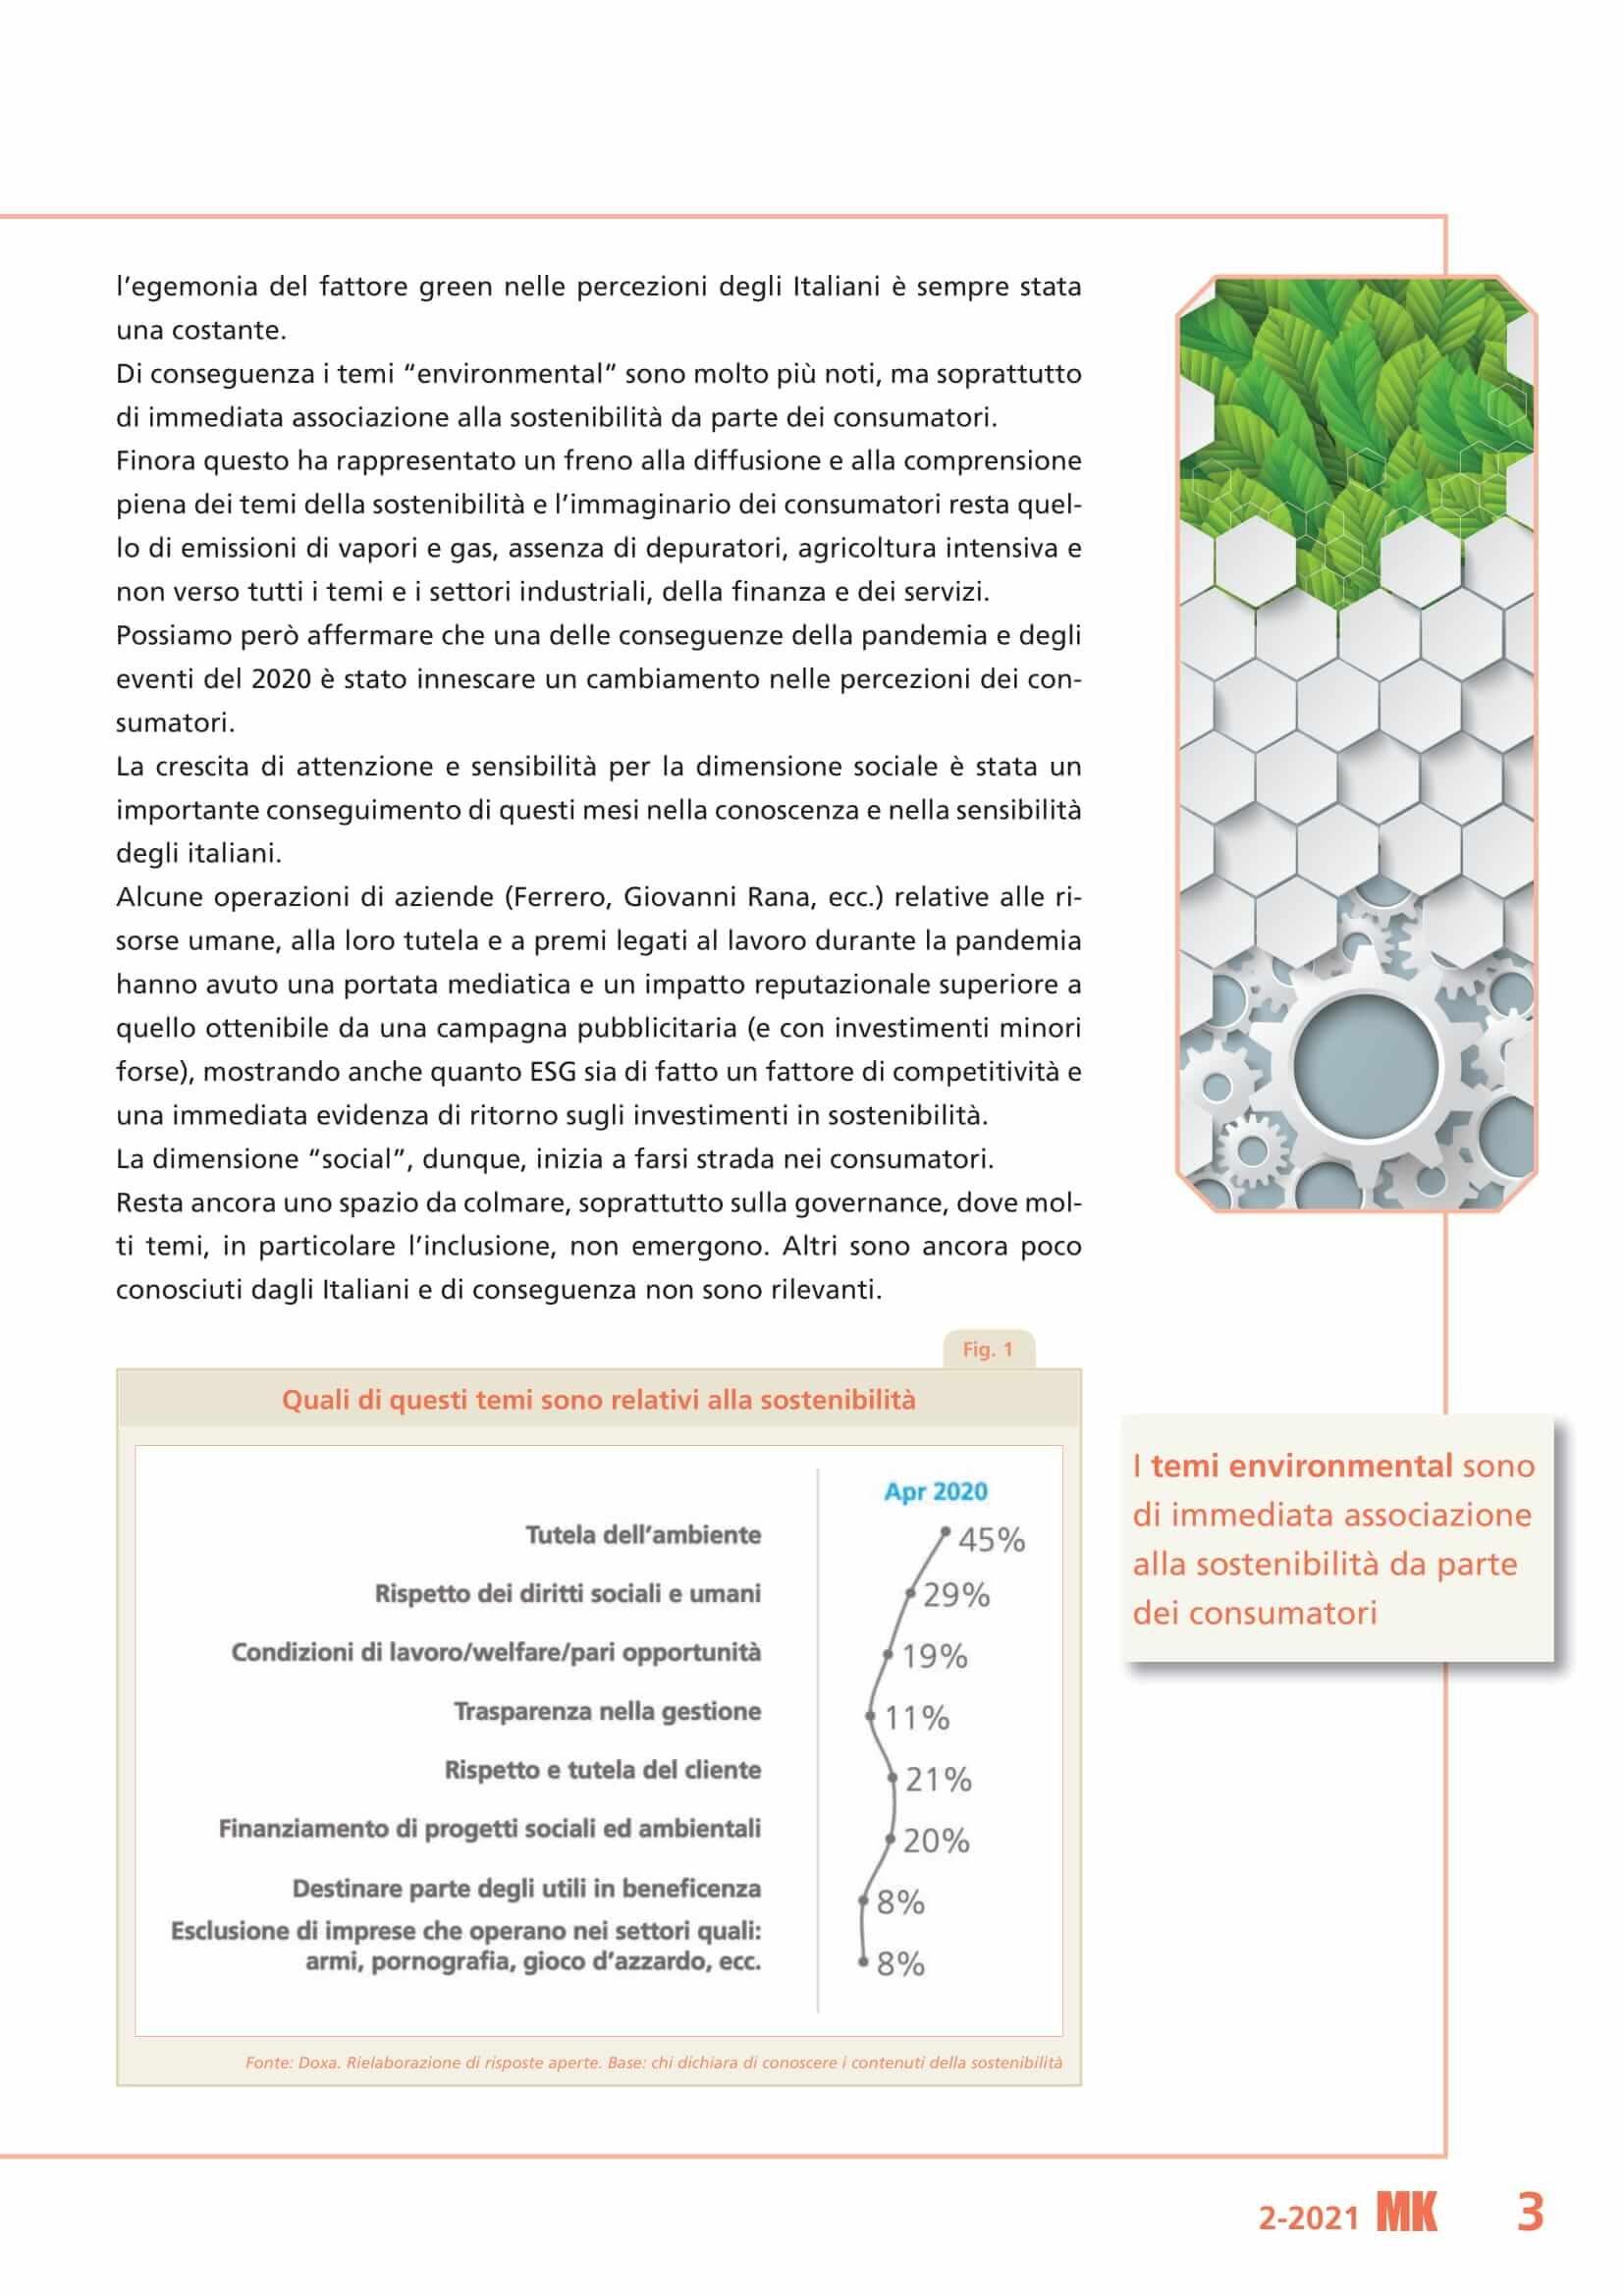 Esg Sostenibilità E Clienti Estratto Pizzoglio 04